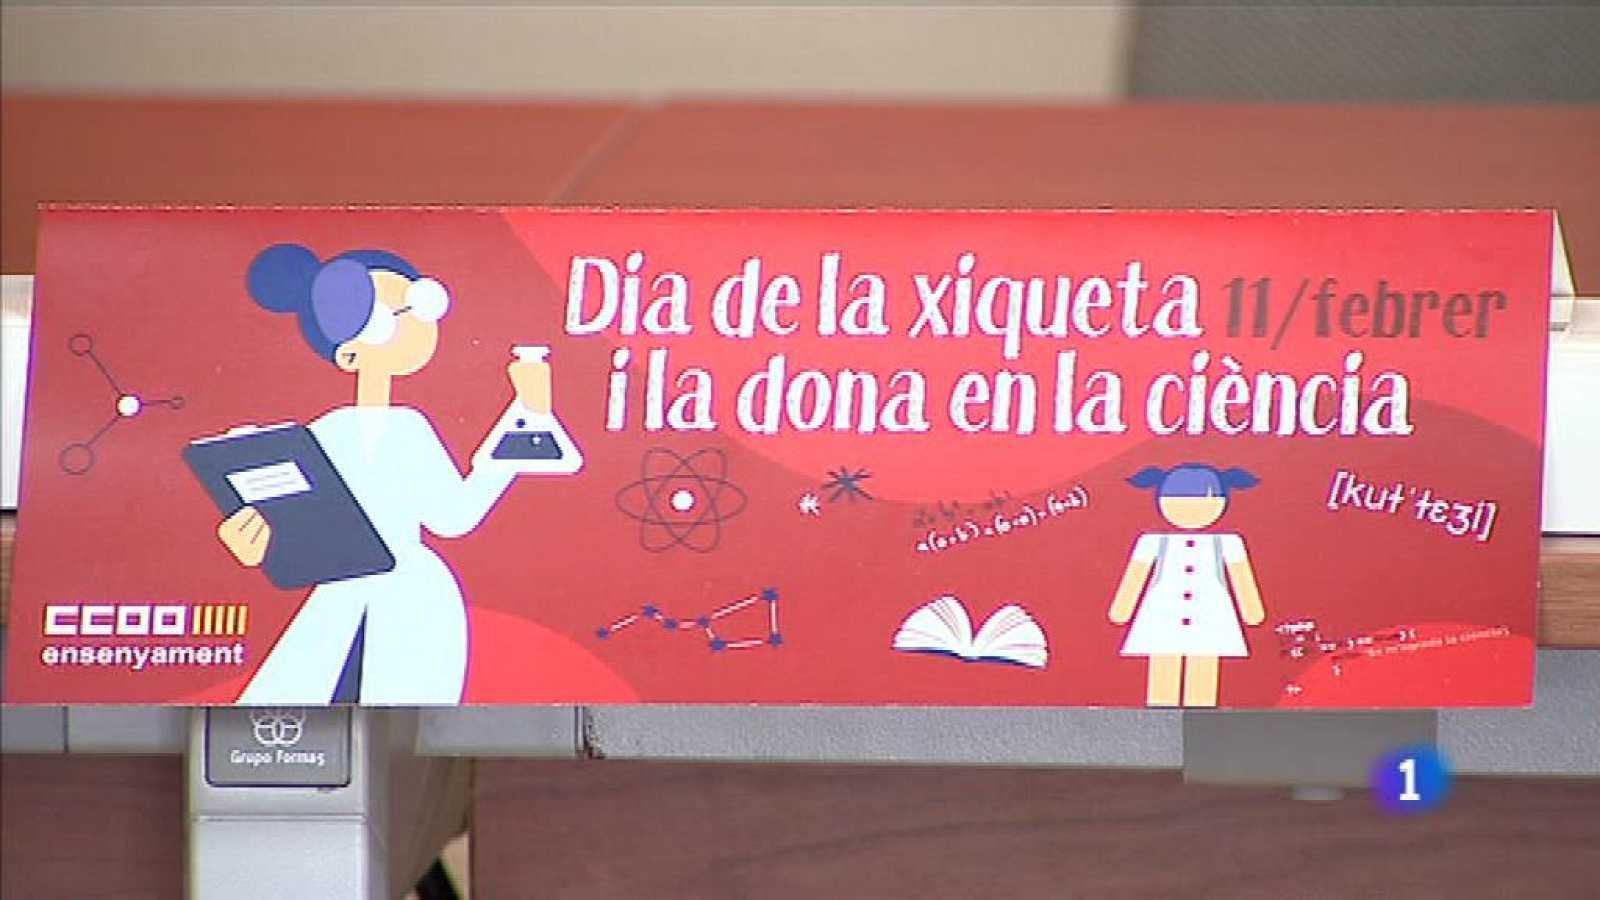 L'Informatiu - Comunitat Valenciana 2 - 10/02/20 - ver ahora